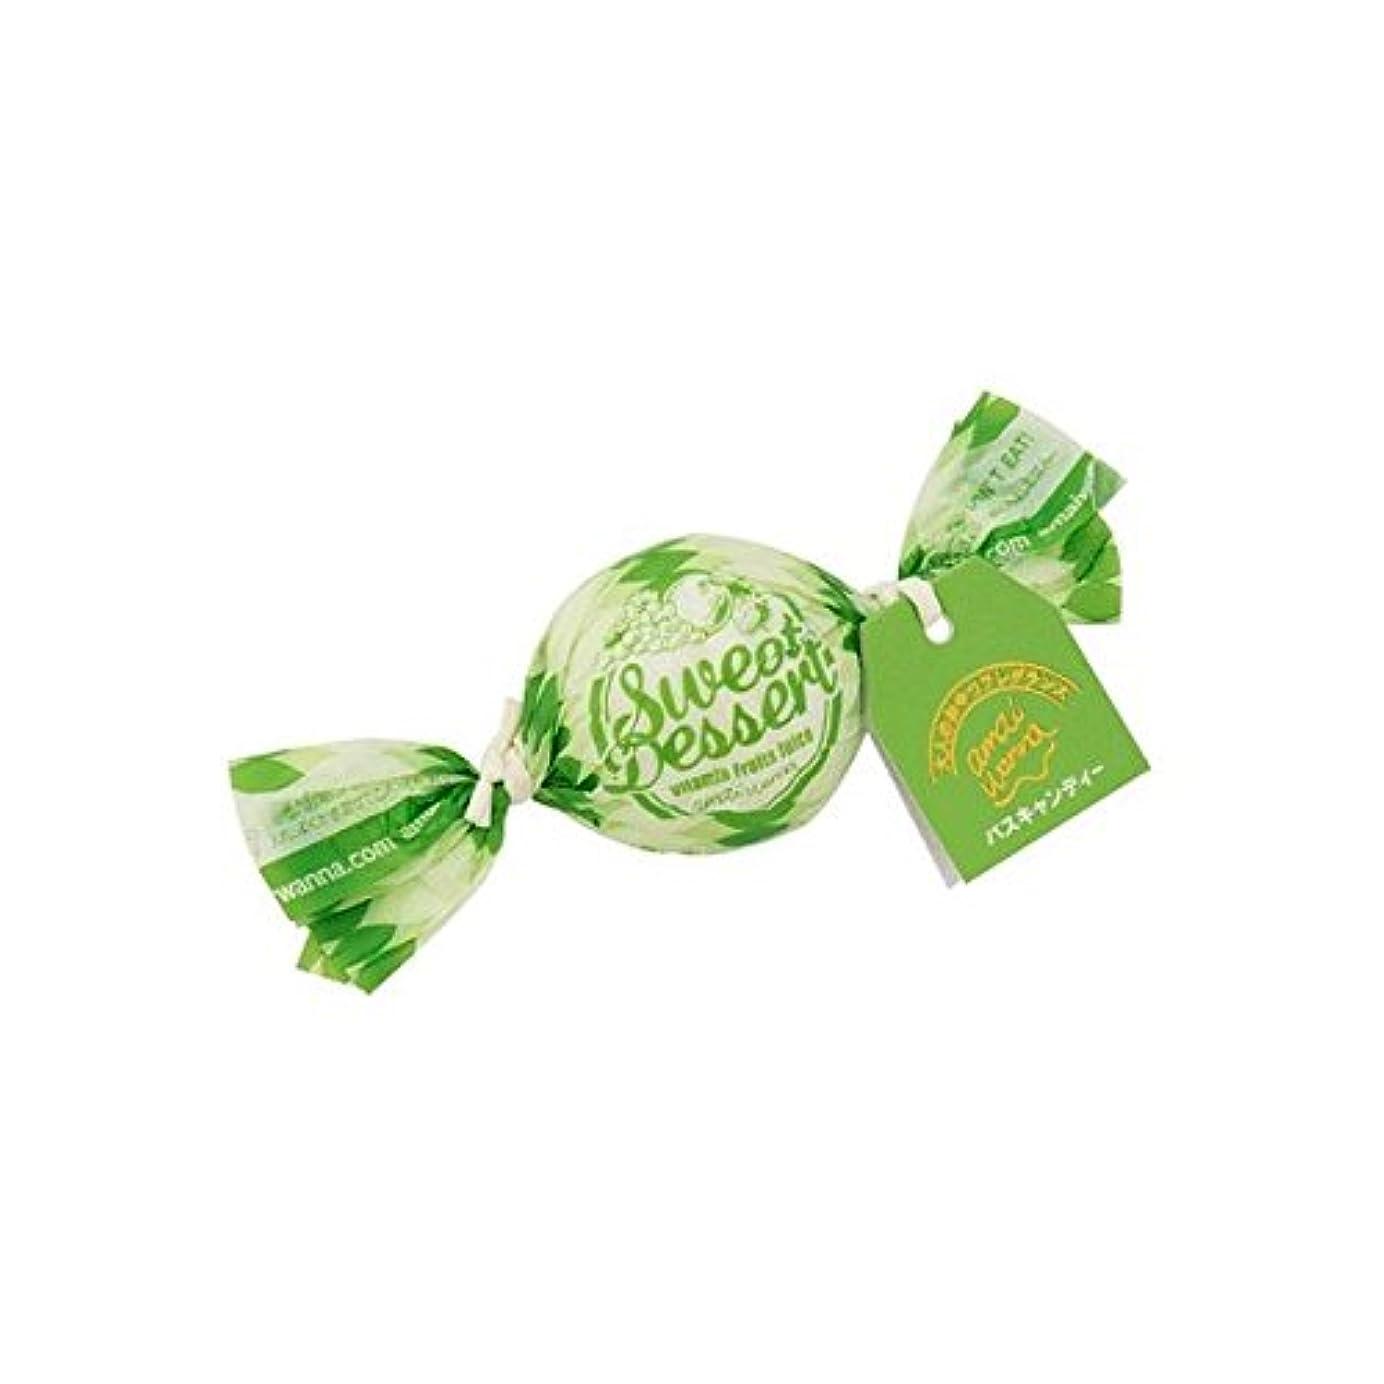 影飢えた生むグローバルプロダクトプランニング アマイワナ バスキャンディー 1粒 ビタミンフルーツジュース 35g 4517161124224